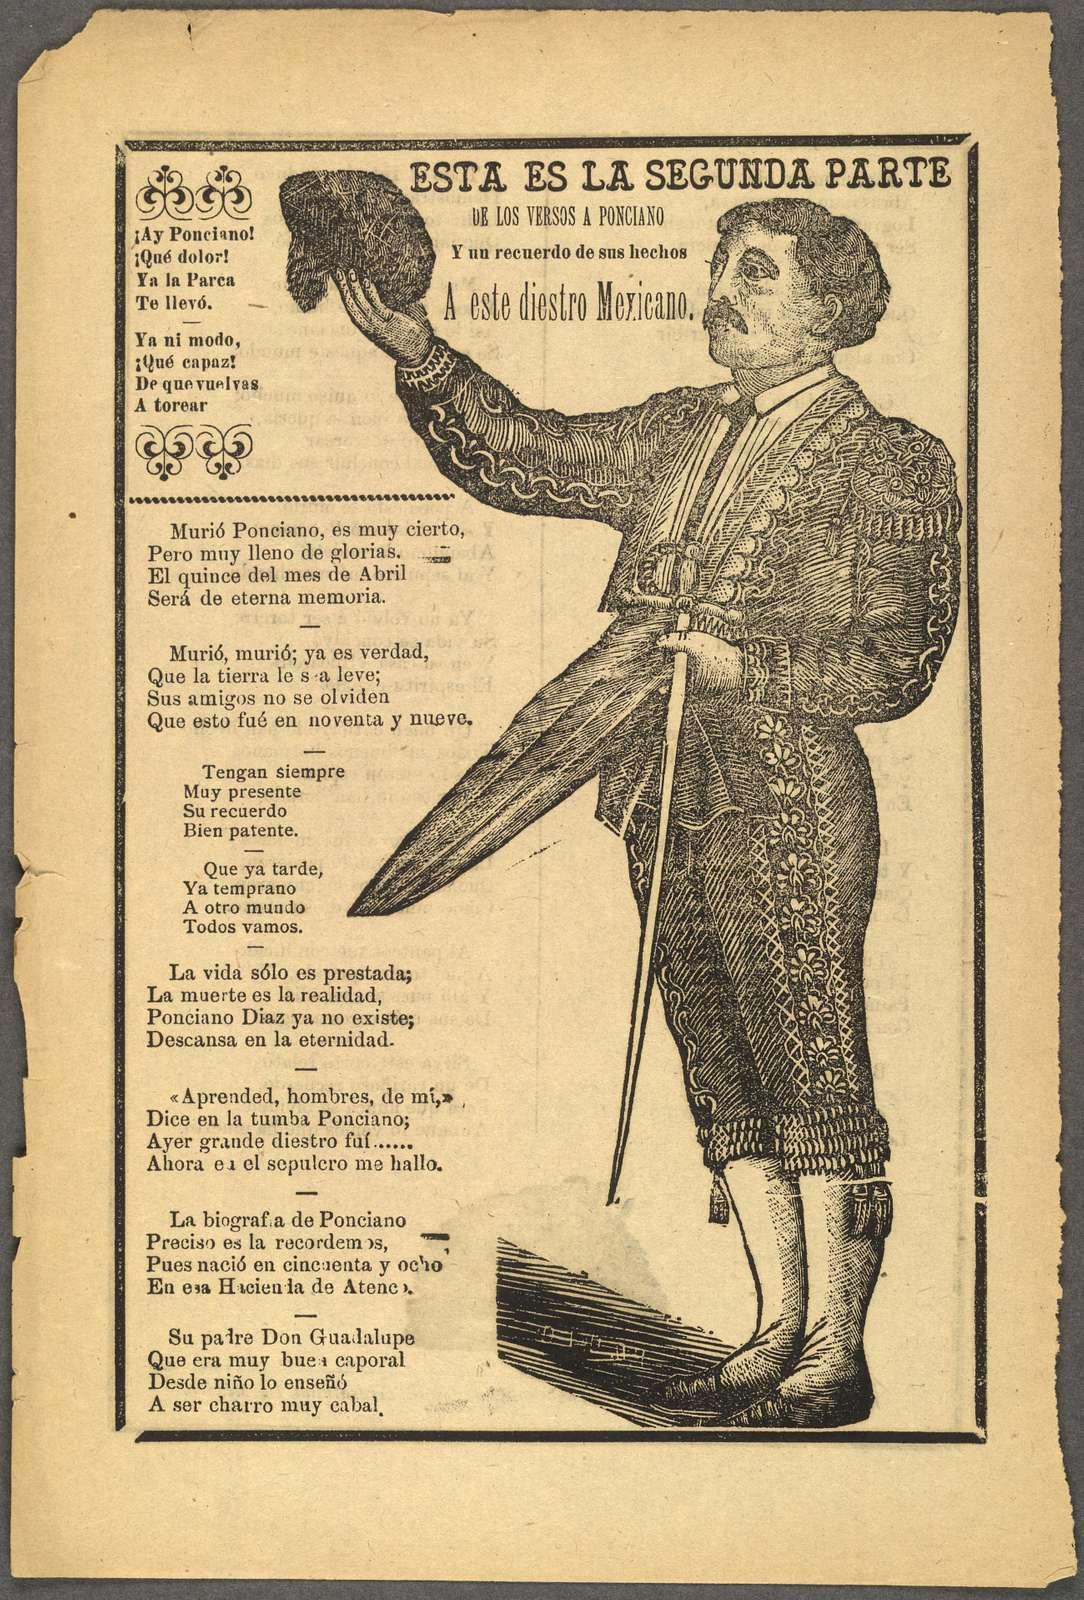 Esta es la segunda parte de los versos a Ponciano y un recuerdo de sus hechos a este diestro mexicano